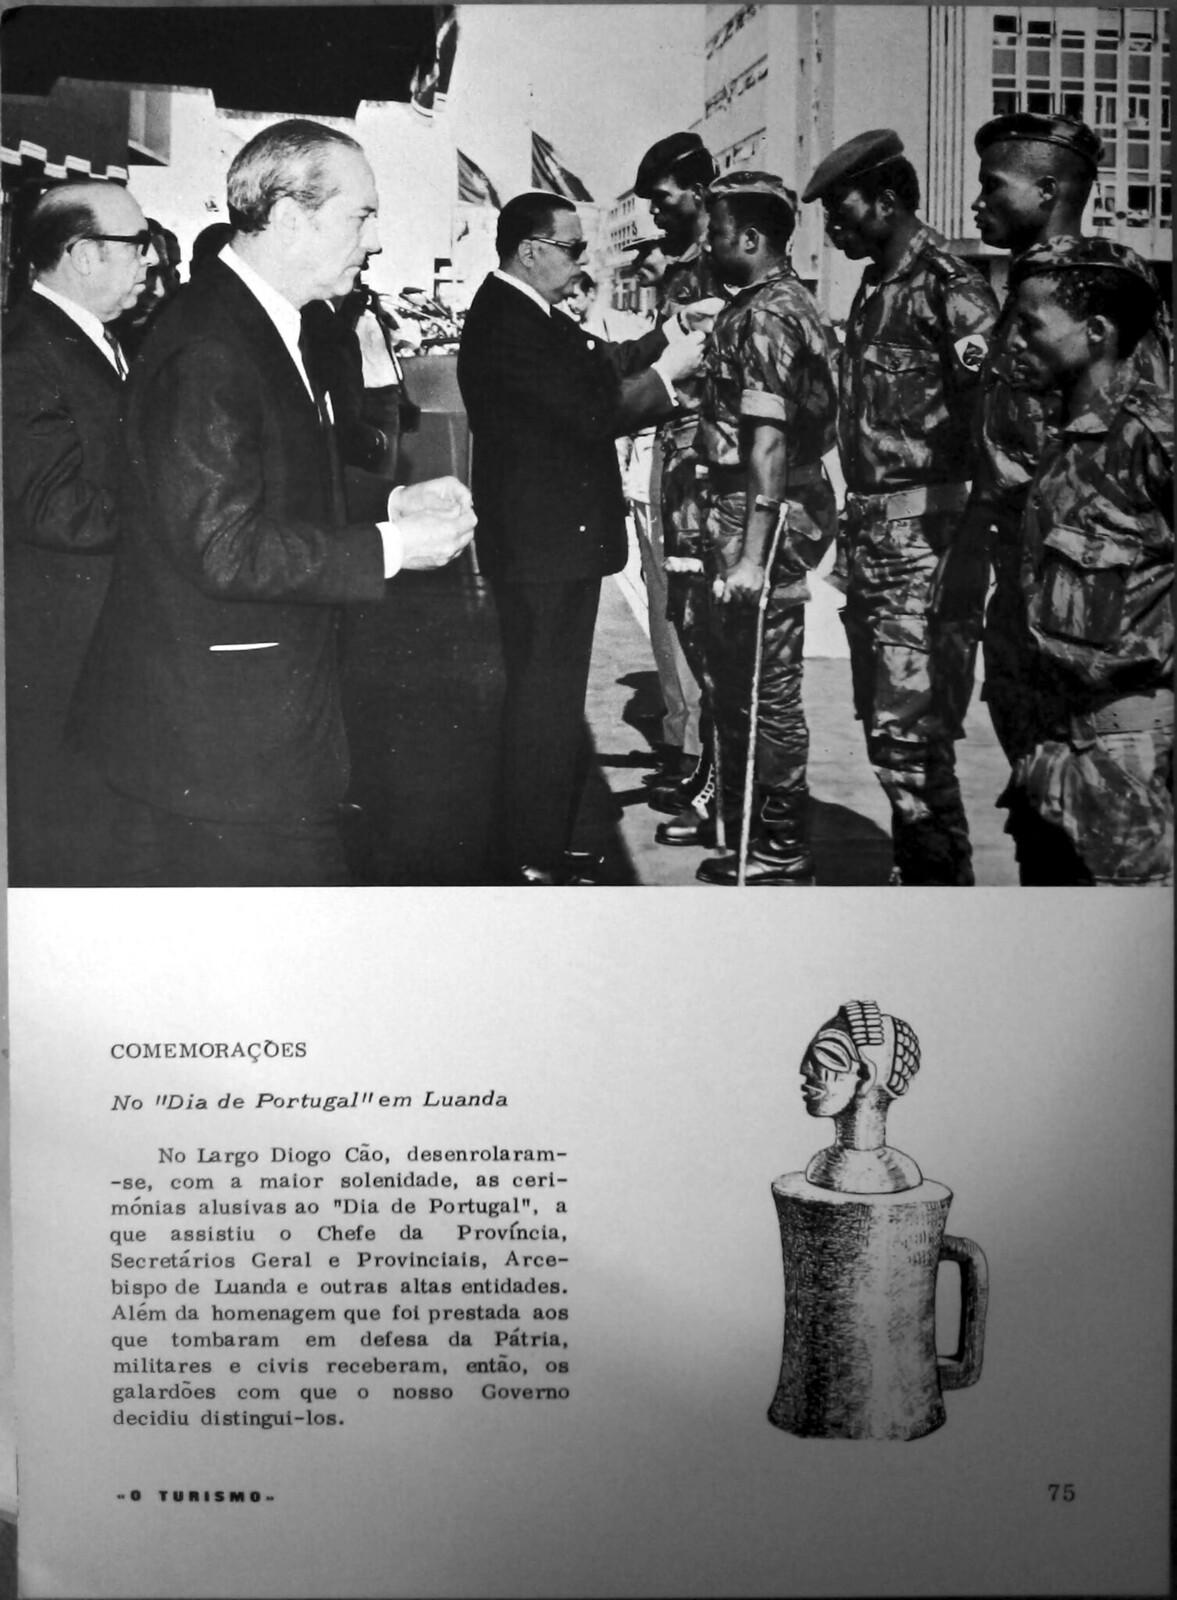 Comemorações no Dia de Portugal em Luanda («O Turismo, C.I.T.A., Junho de 1971)